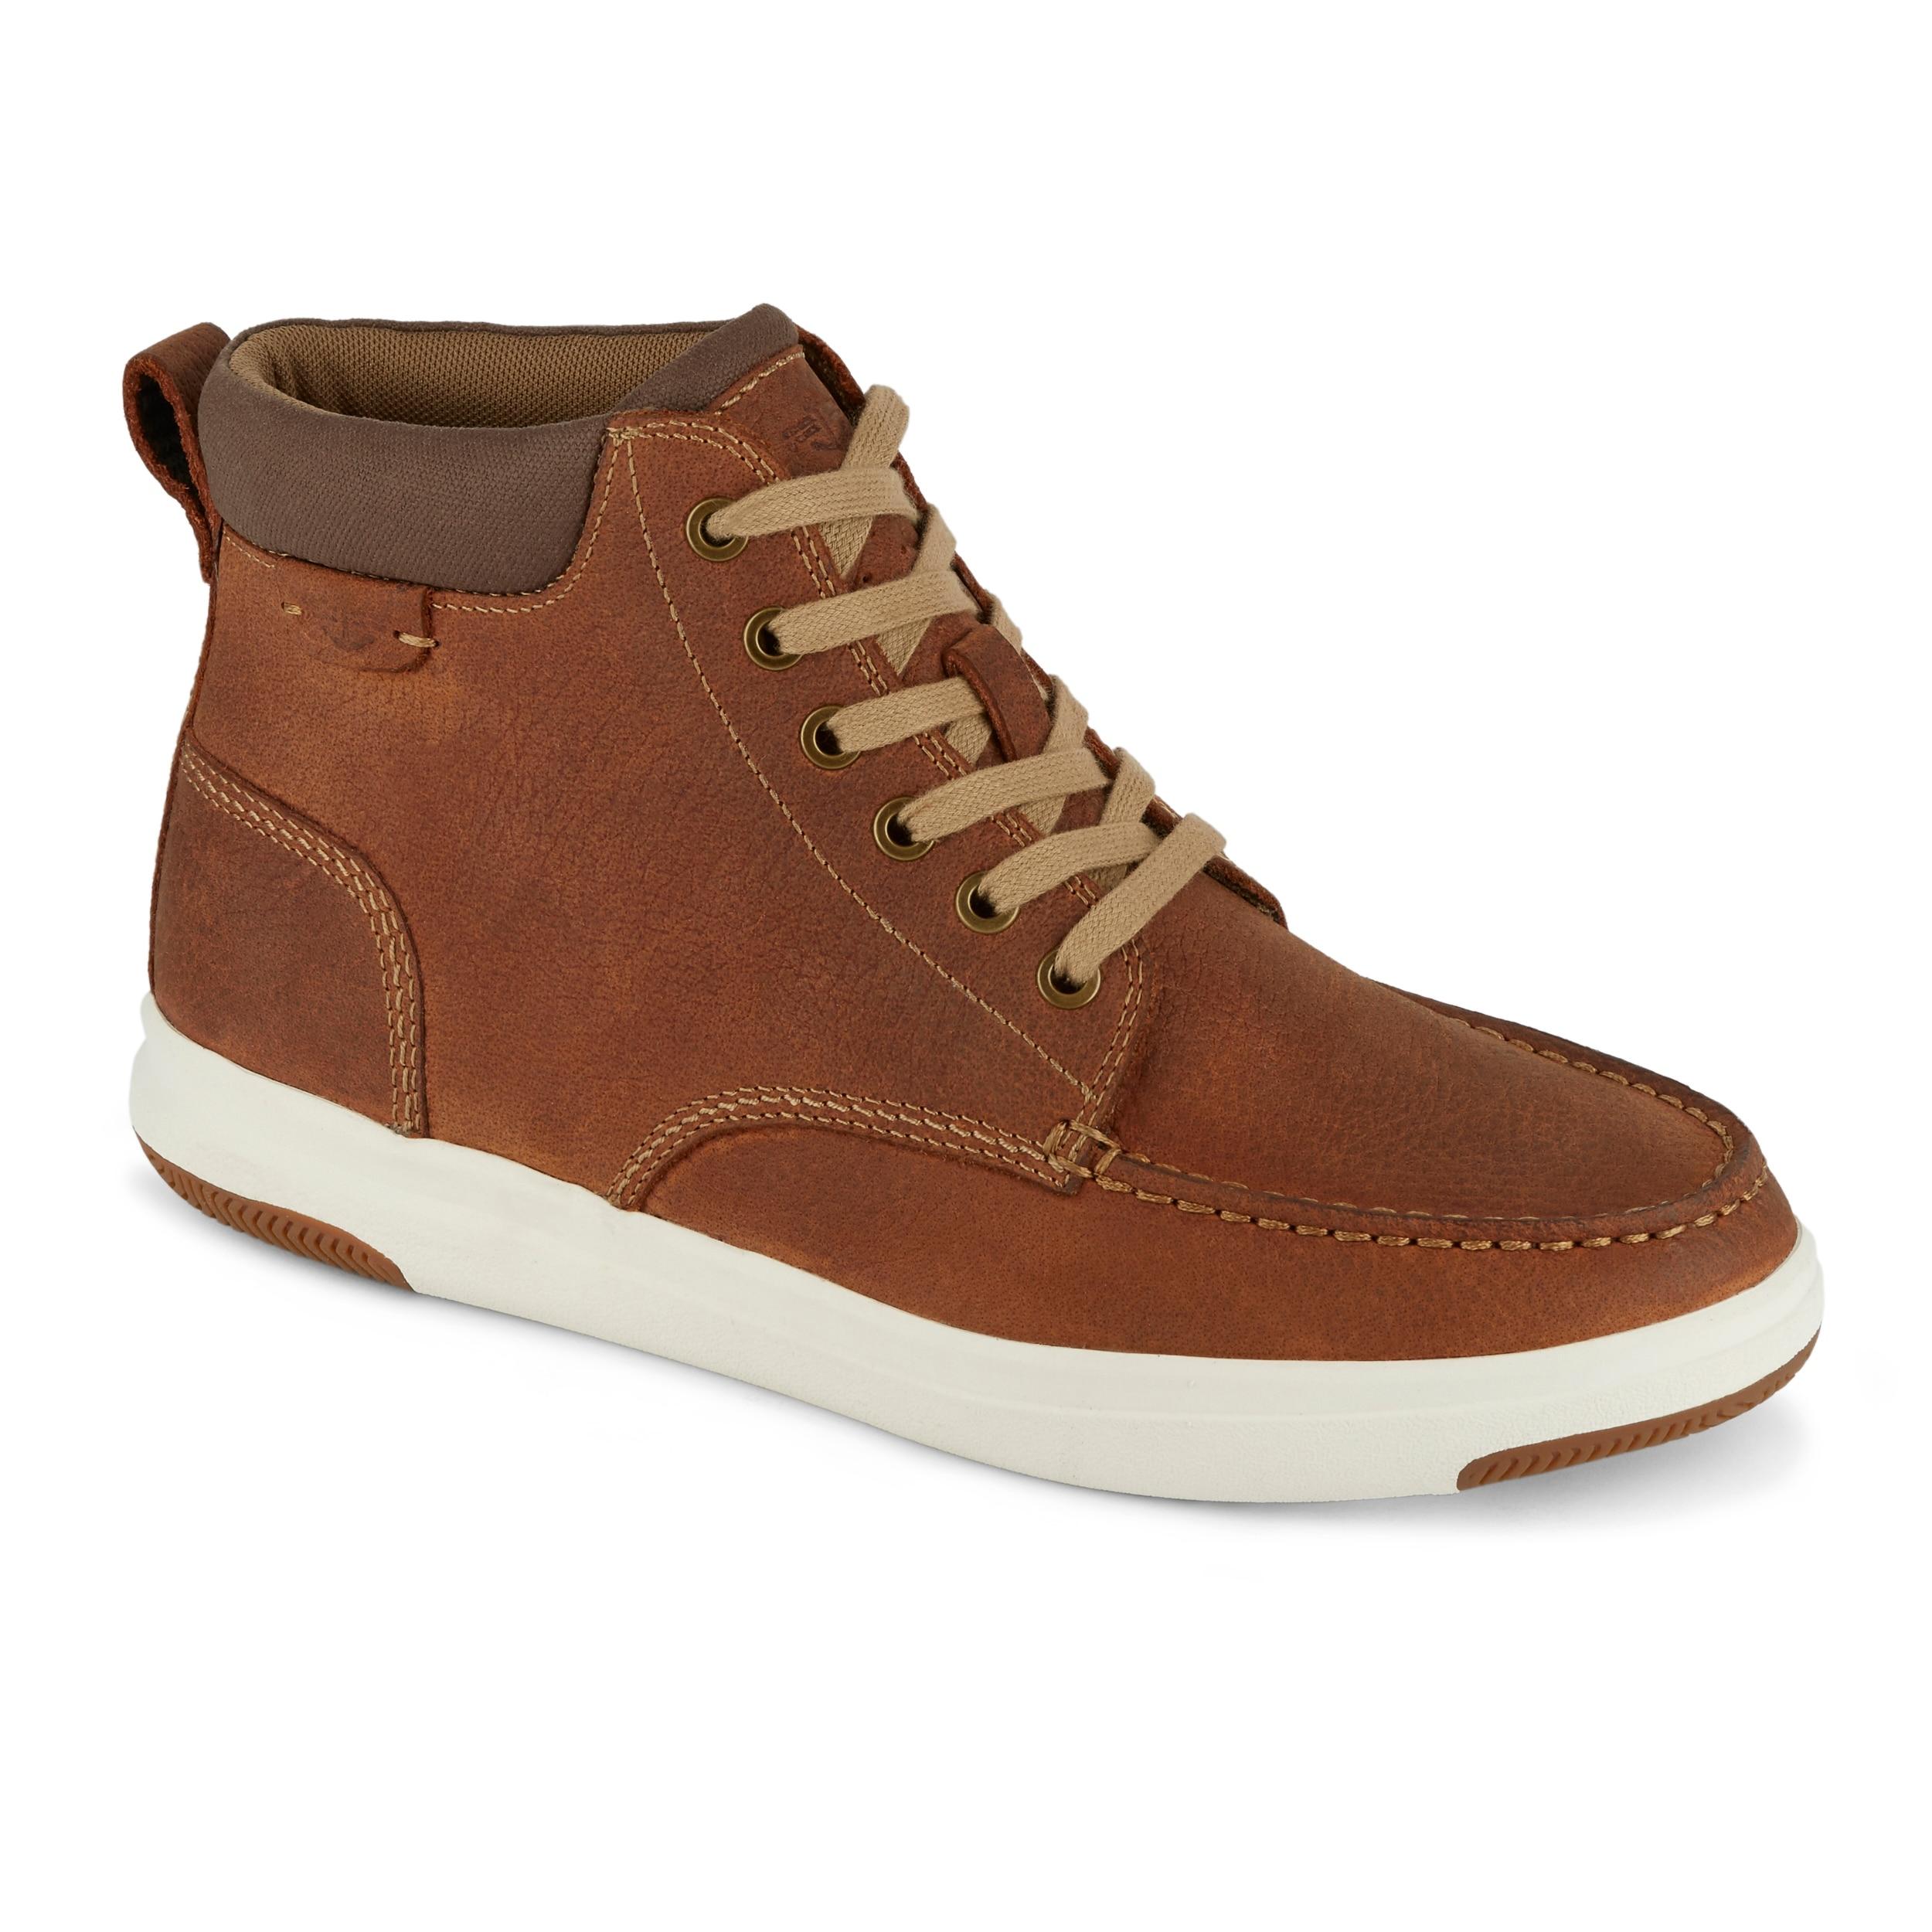 dockers high top sneaker